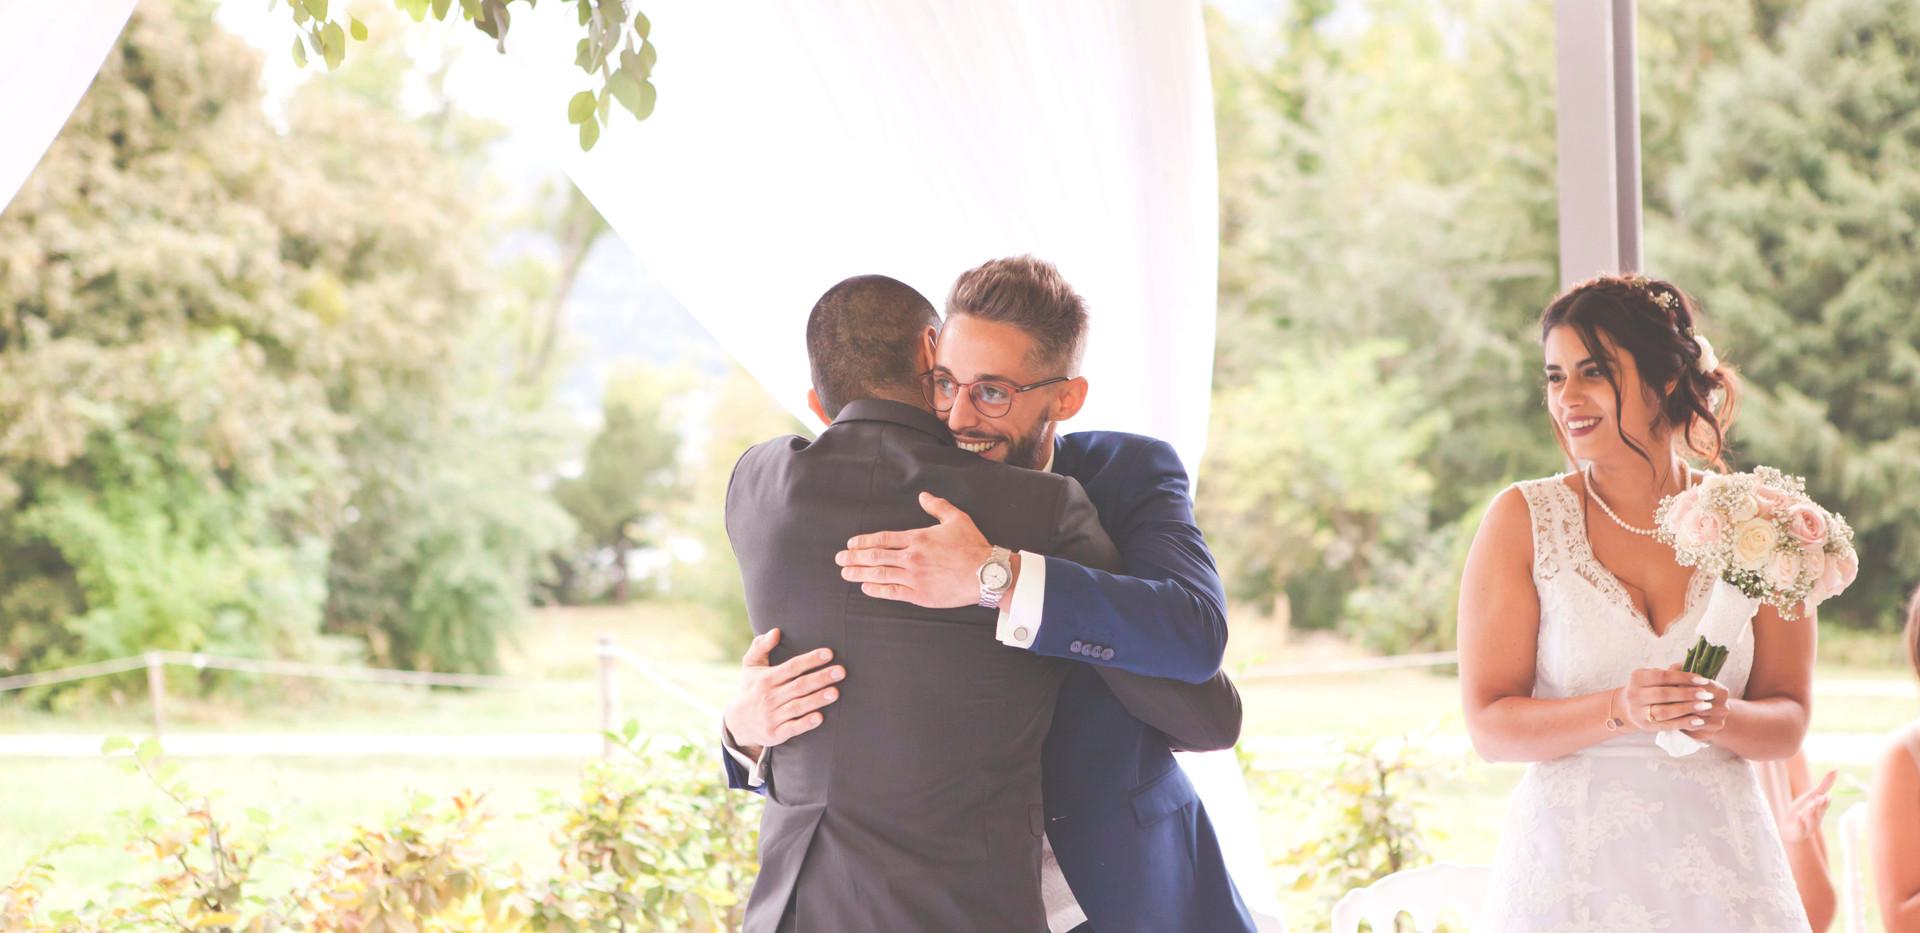 Swiss castle wedding